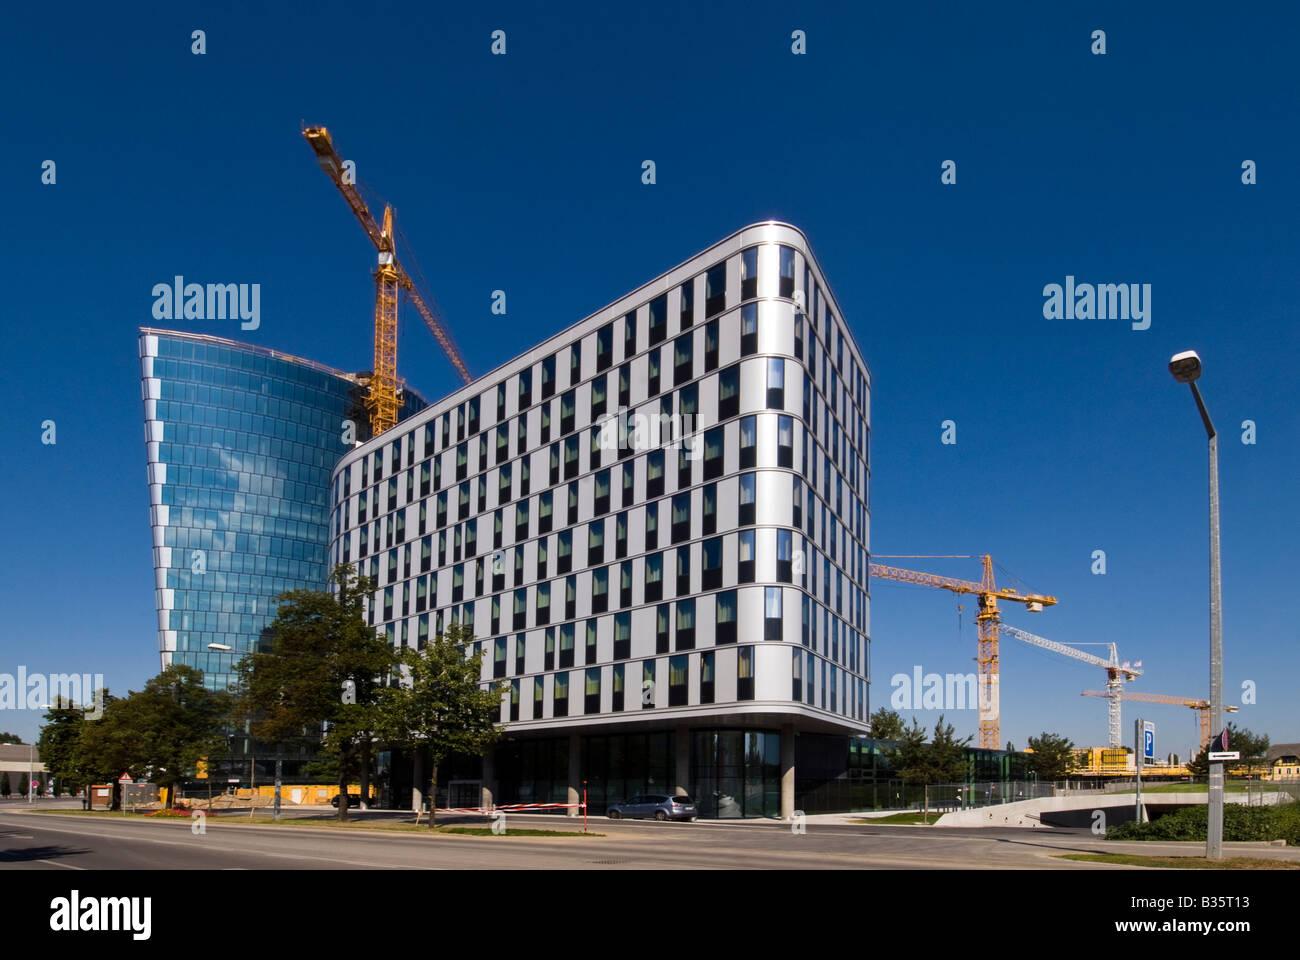 Hoch Zwei and Hotel zwei, krieau, vienna, austria - Stock Image